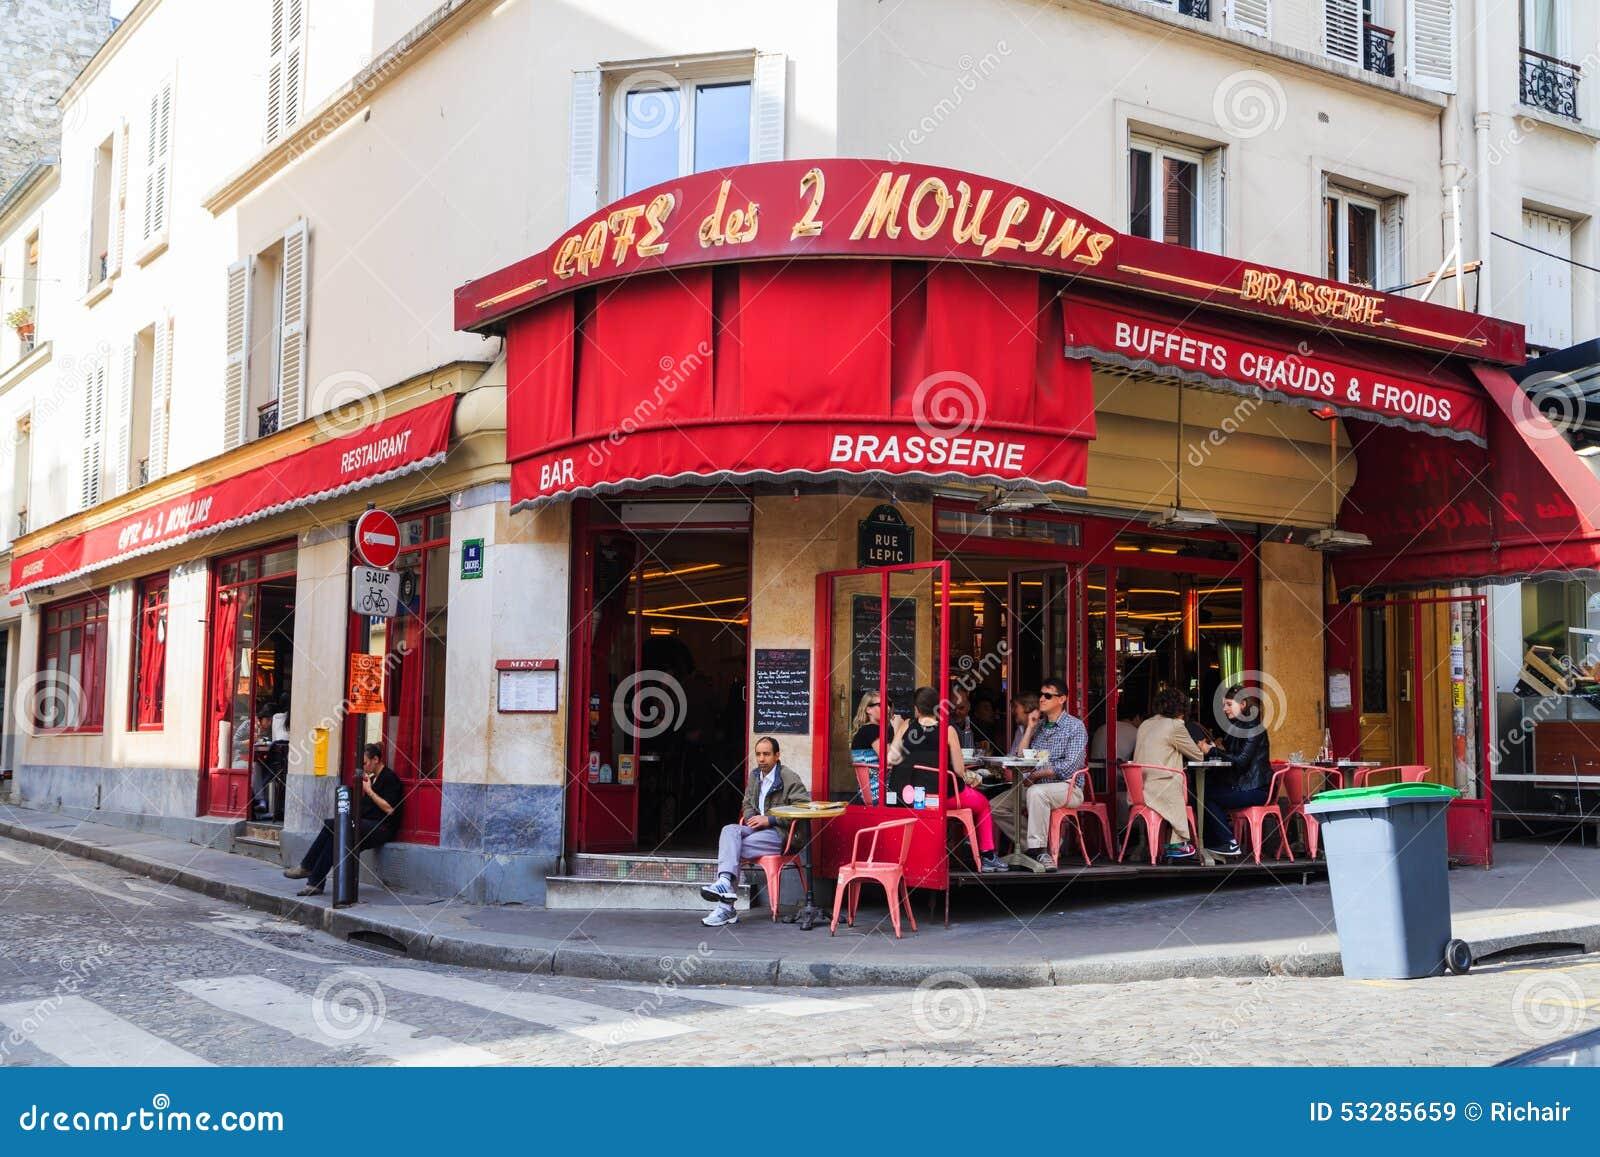 Cafe Amelie Montmartre Paris